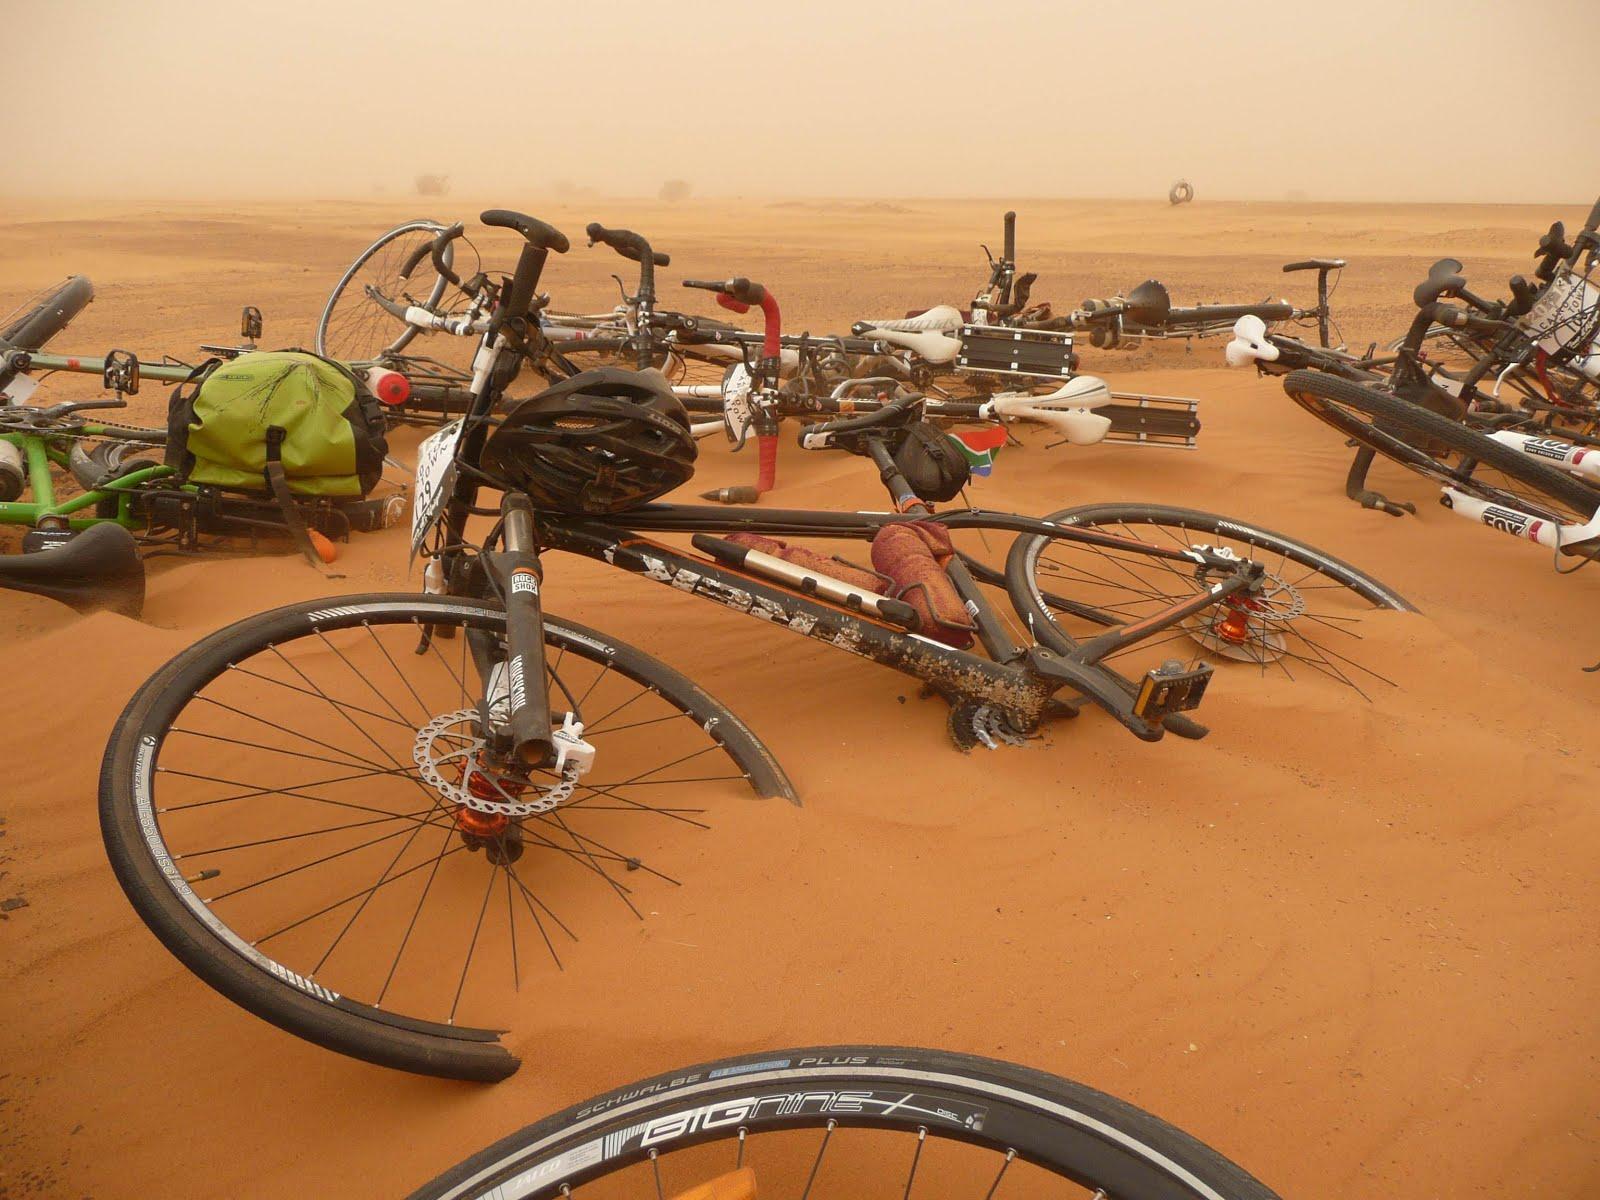 Sudan Car Market